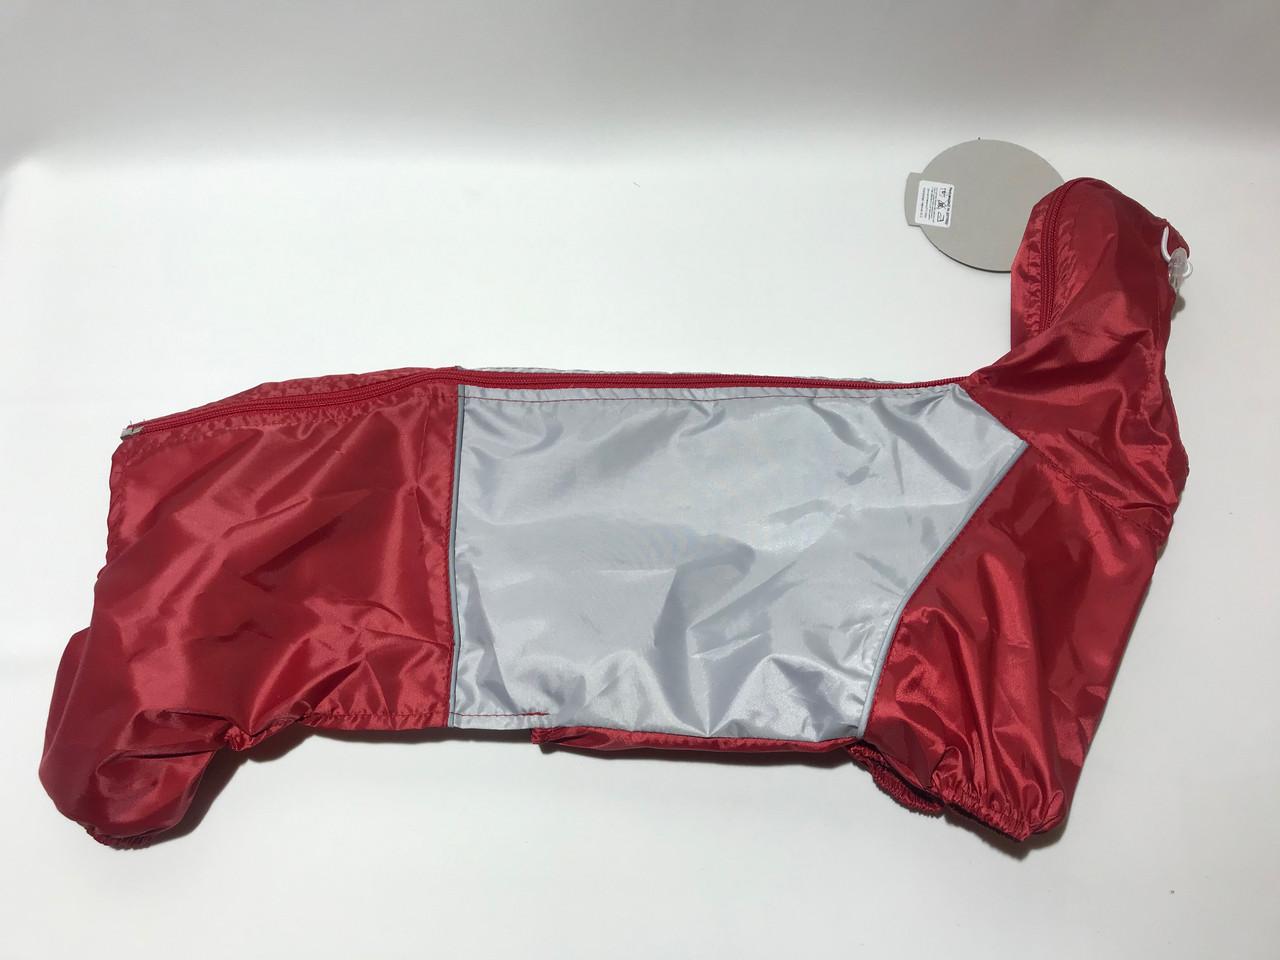 Комбінезон - дощовик 41 см розм Такса середня з капюшоном червоний/сірий для собак